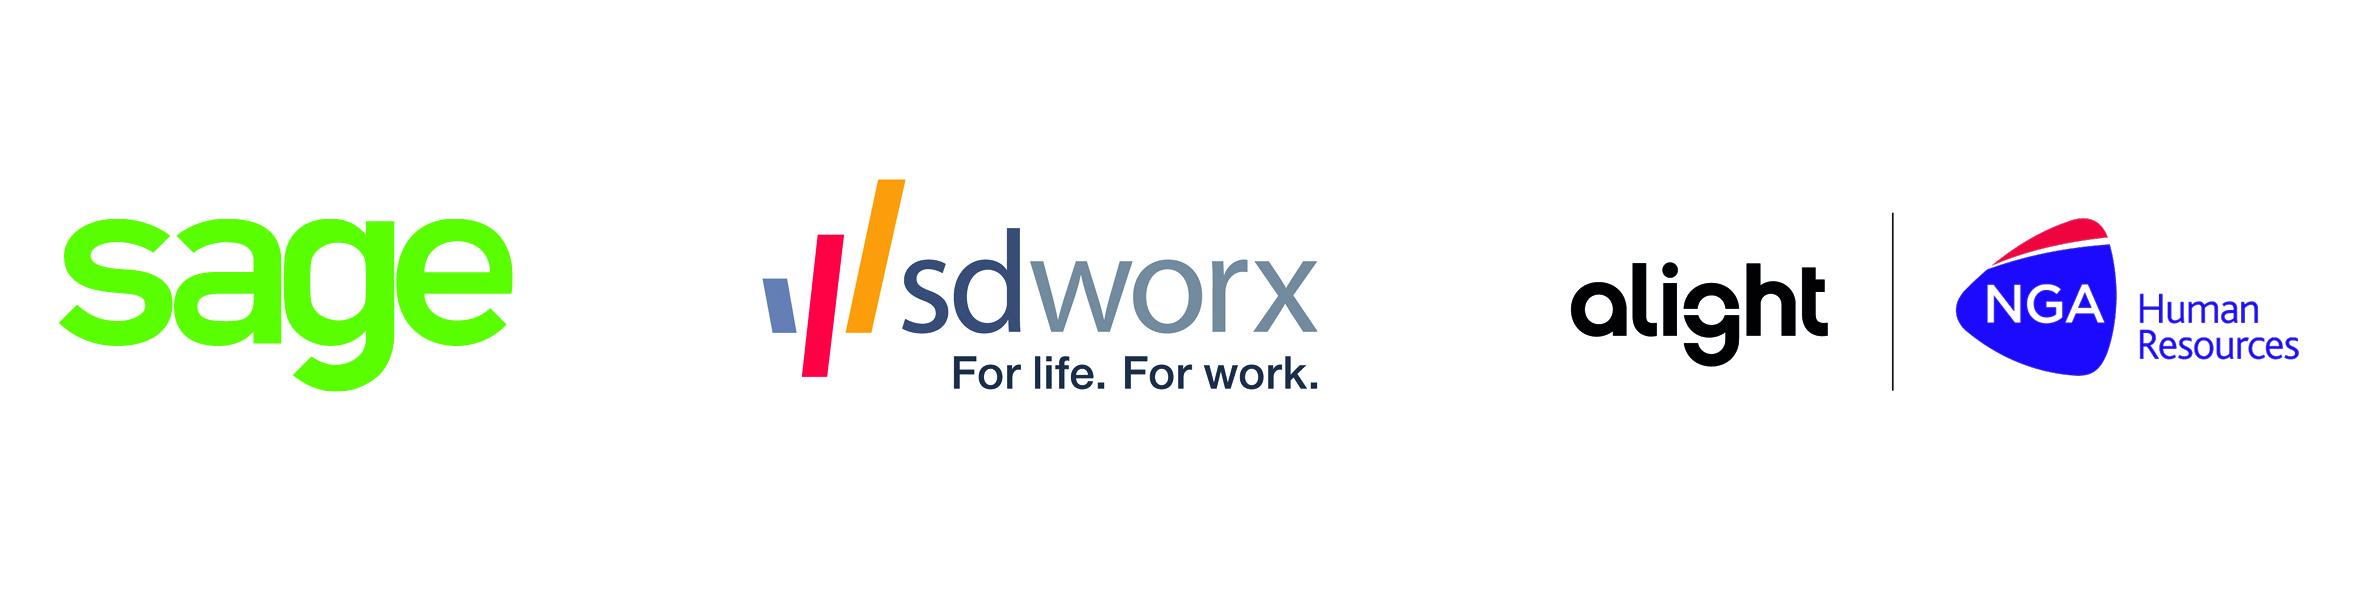 sage-SD-Worx-Arinso